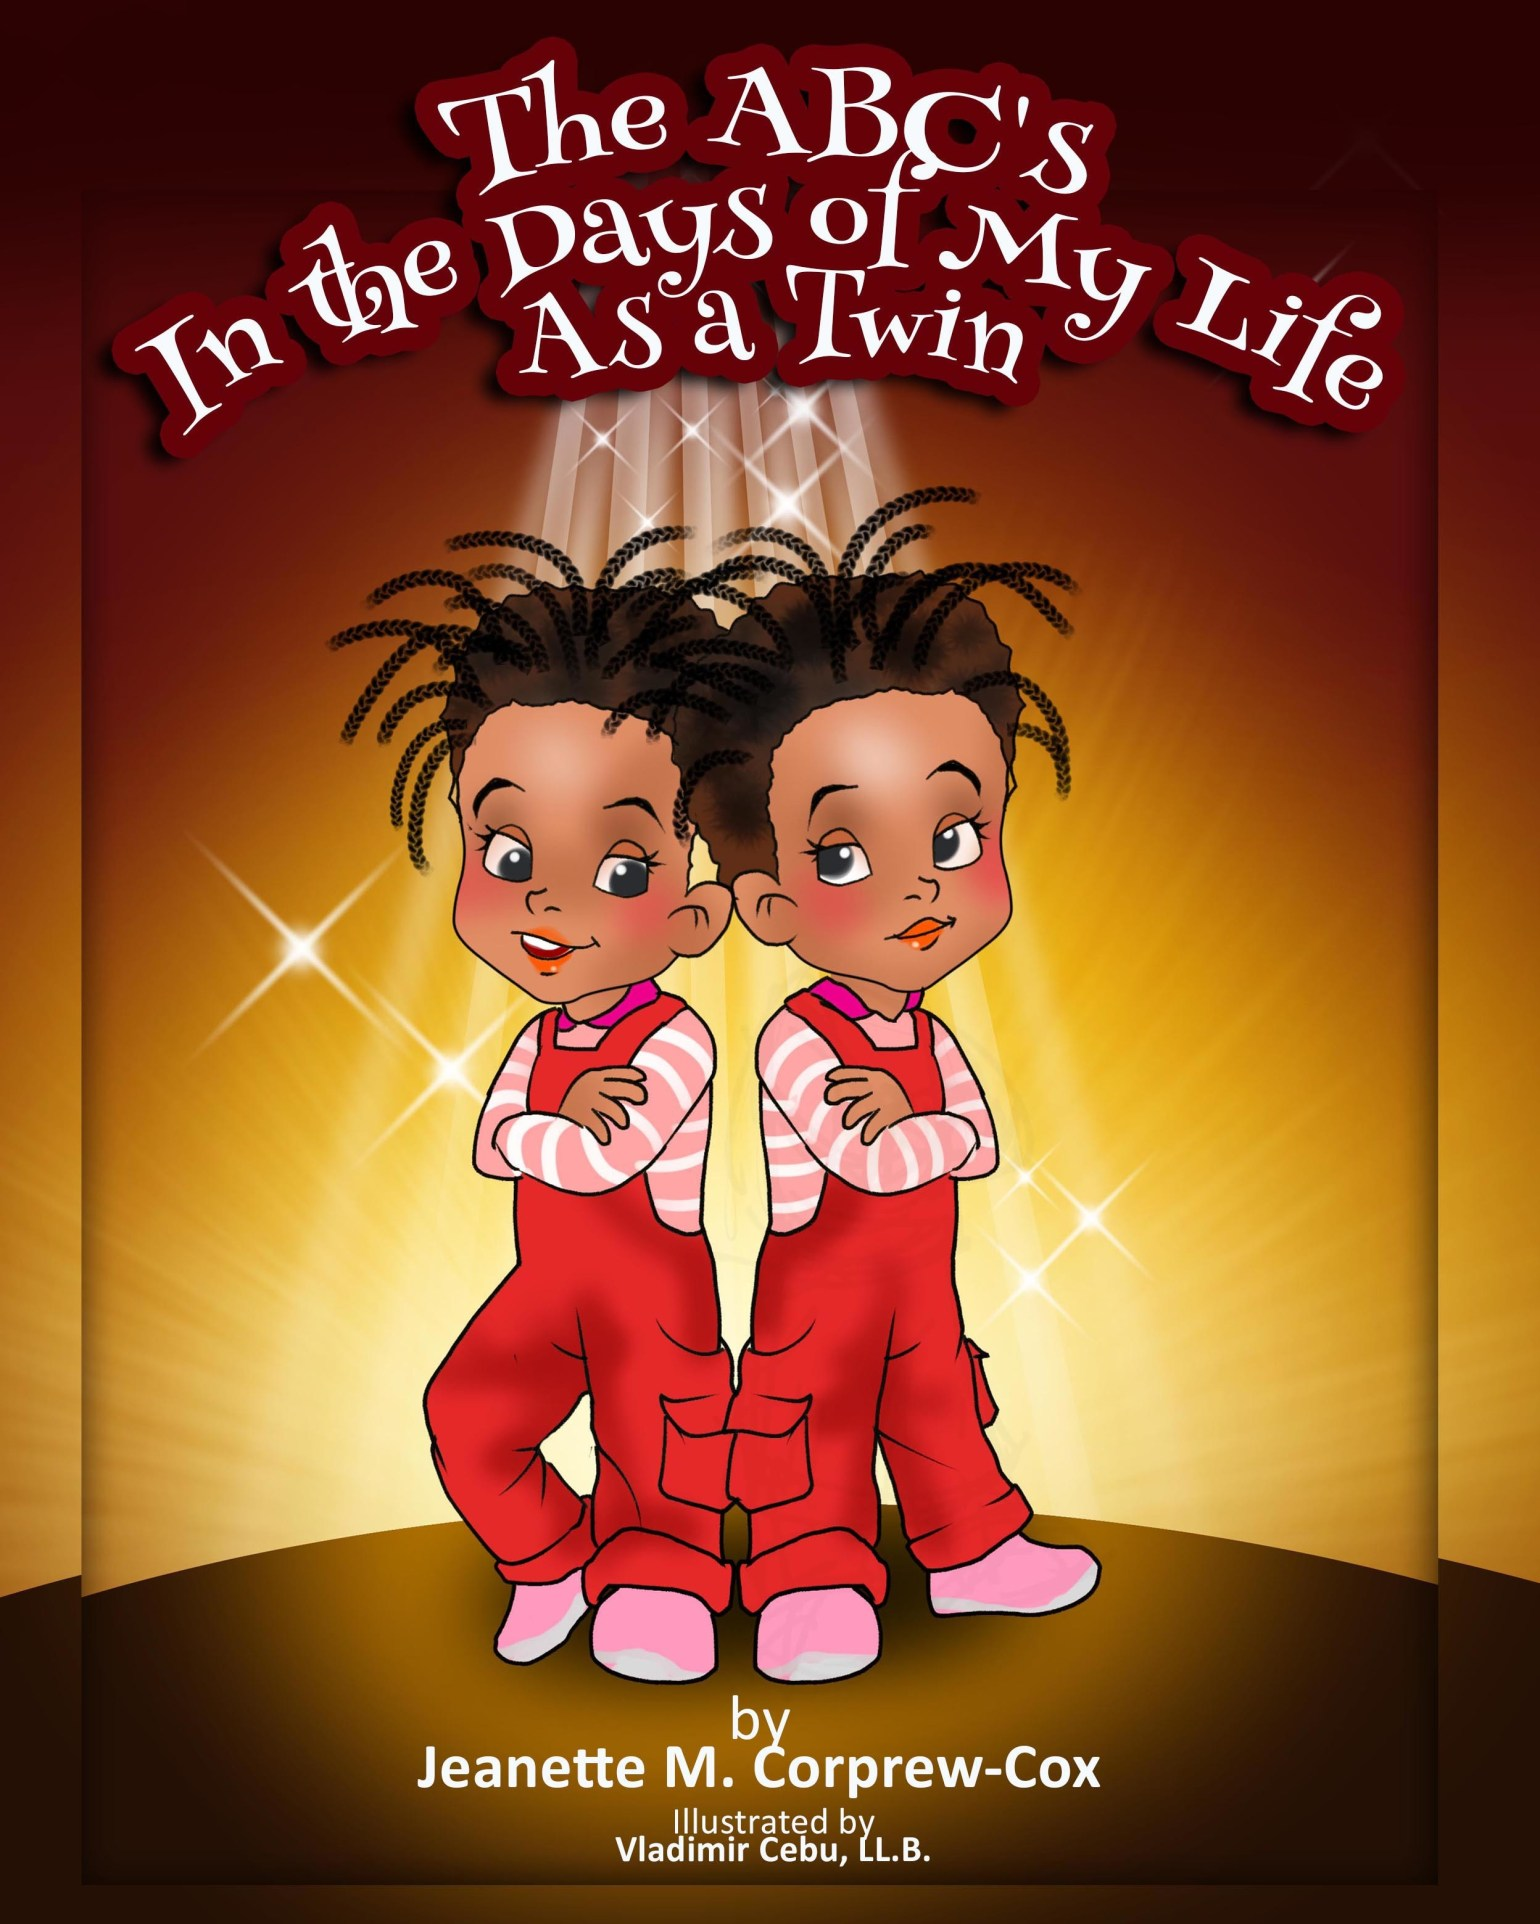 The Abc's in the Days of My Life as a Twin by Jeanette Corprew-Cox 978-1642540642